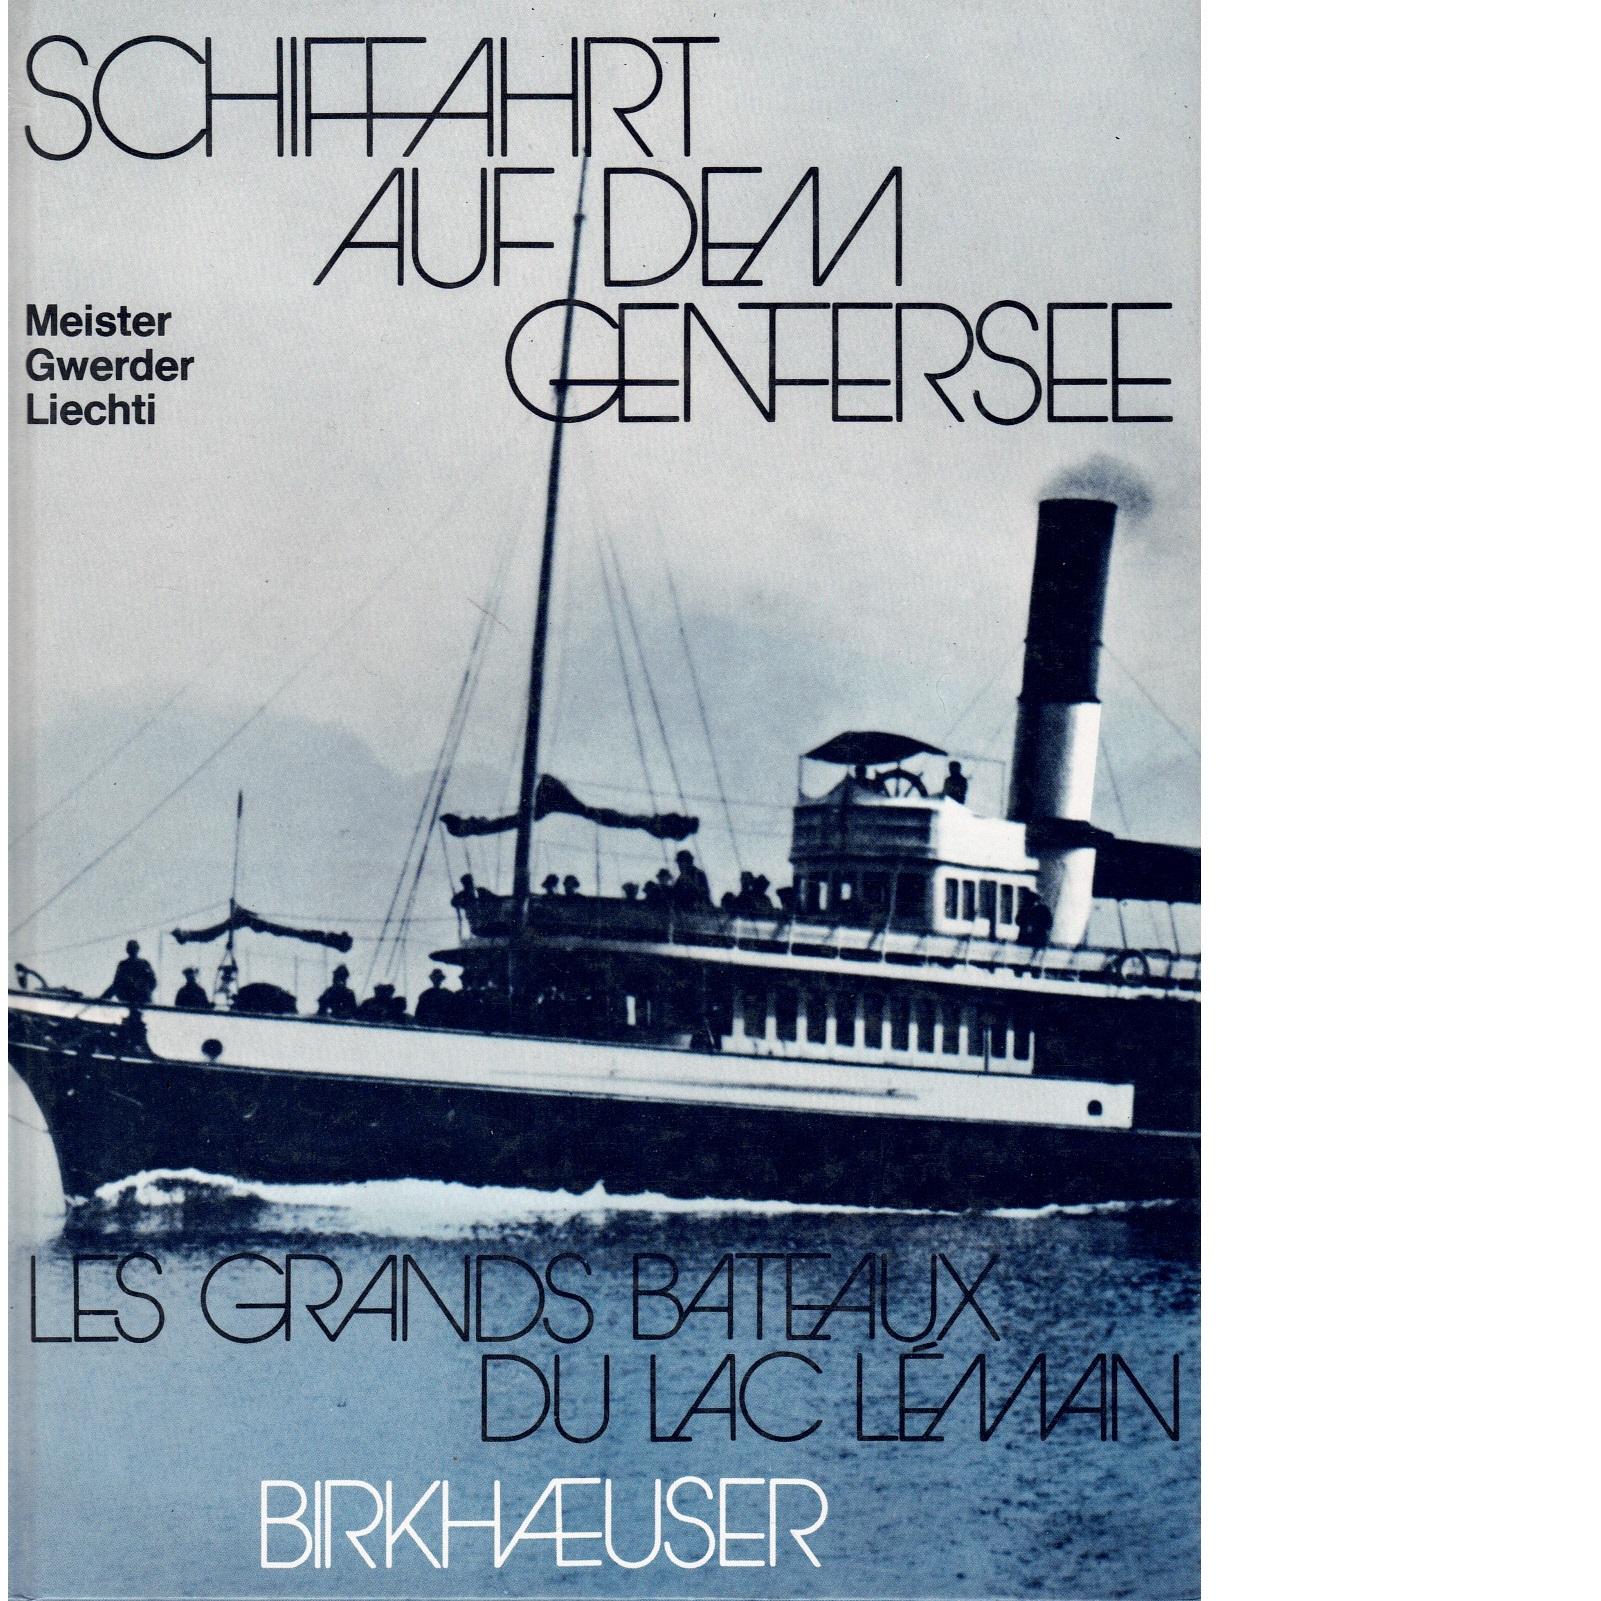 Schiffahrt auf dem Genfersee - MEISTER och GWERDER  samt  LIECHTI